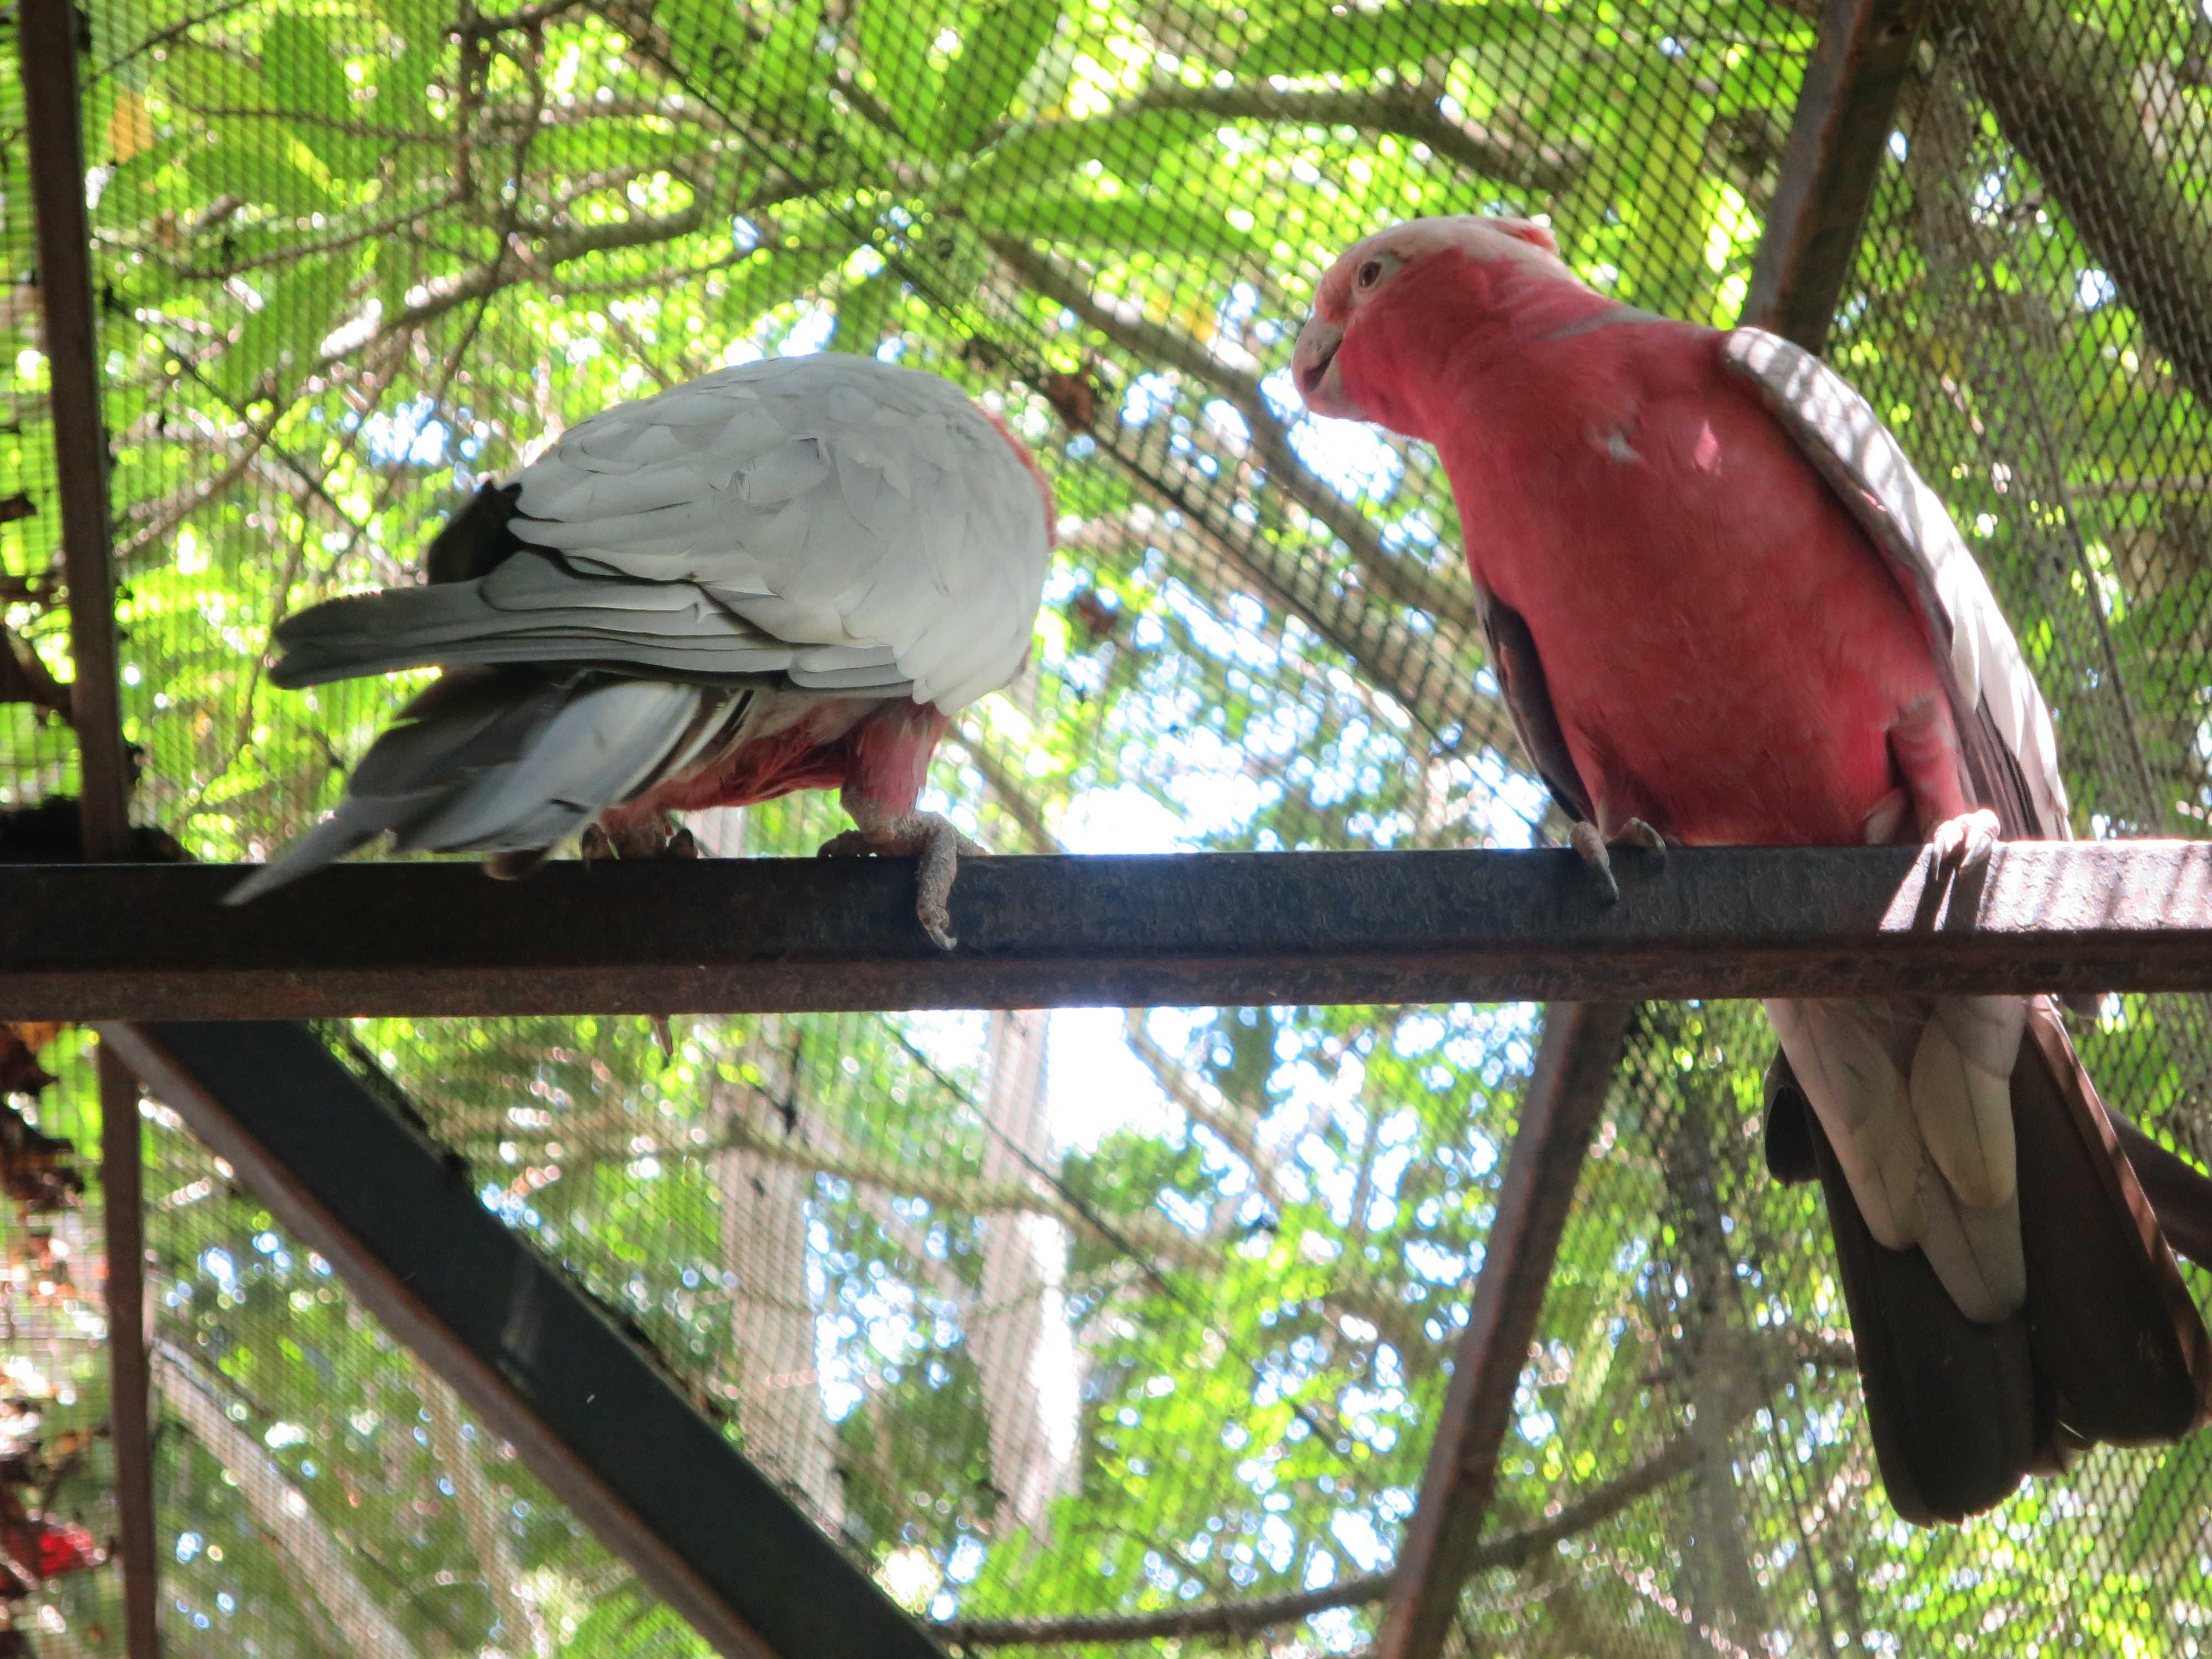 ケアンズトロピカルズー - 熱帯雨林の鳥たち